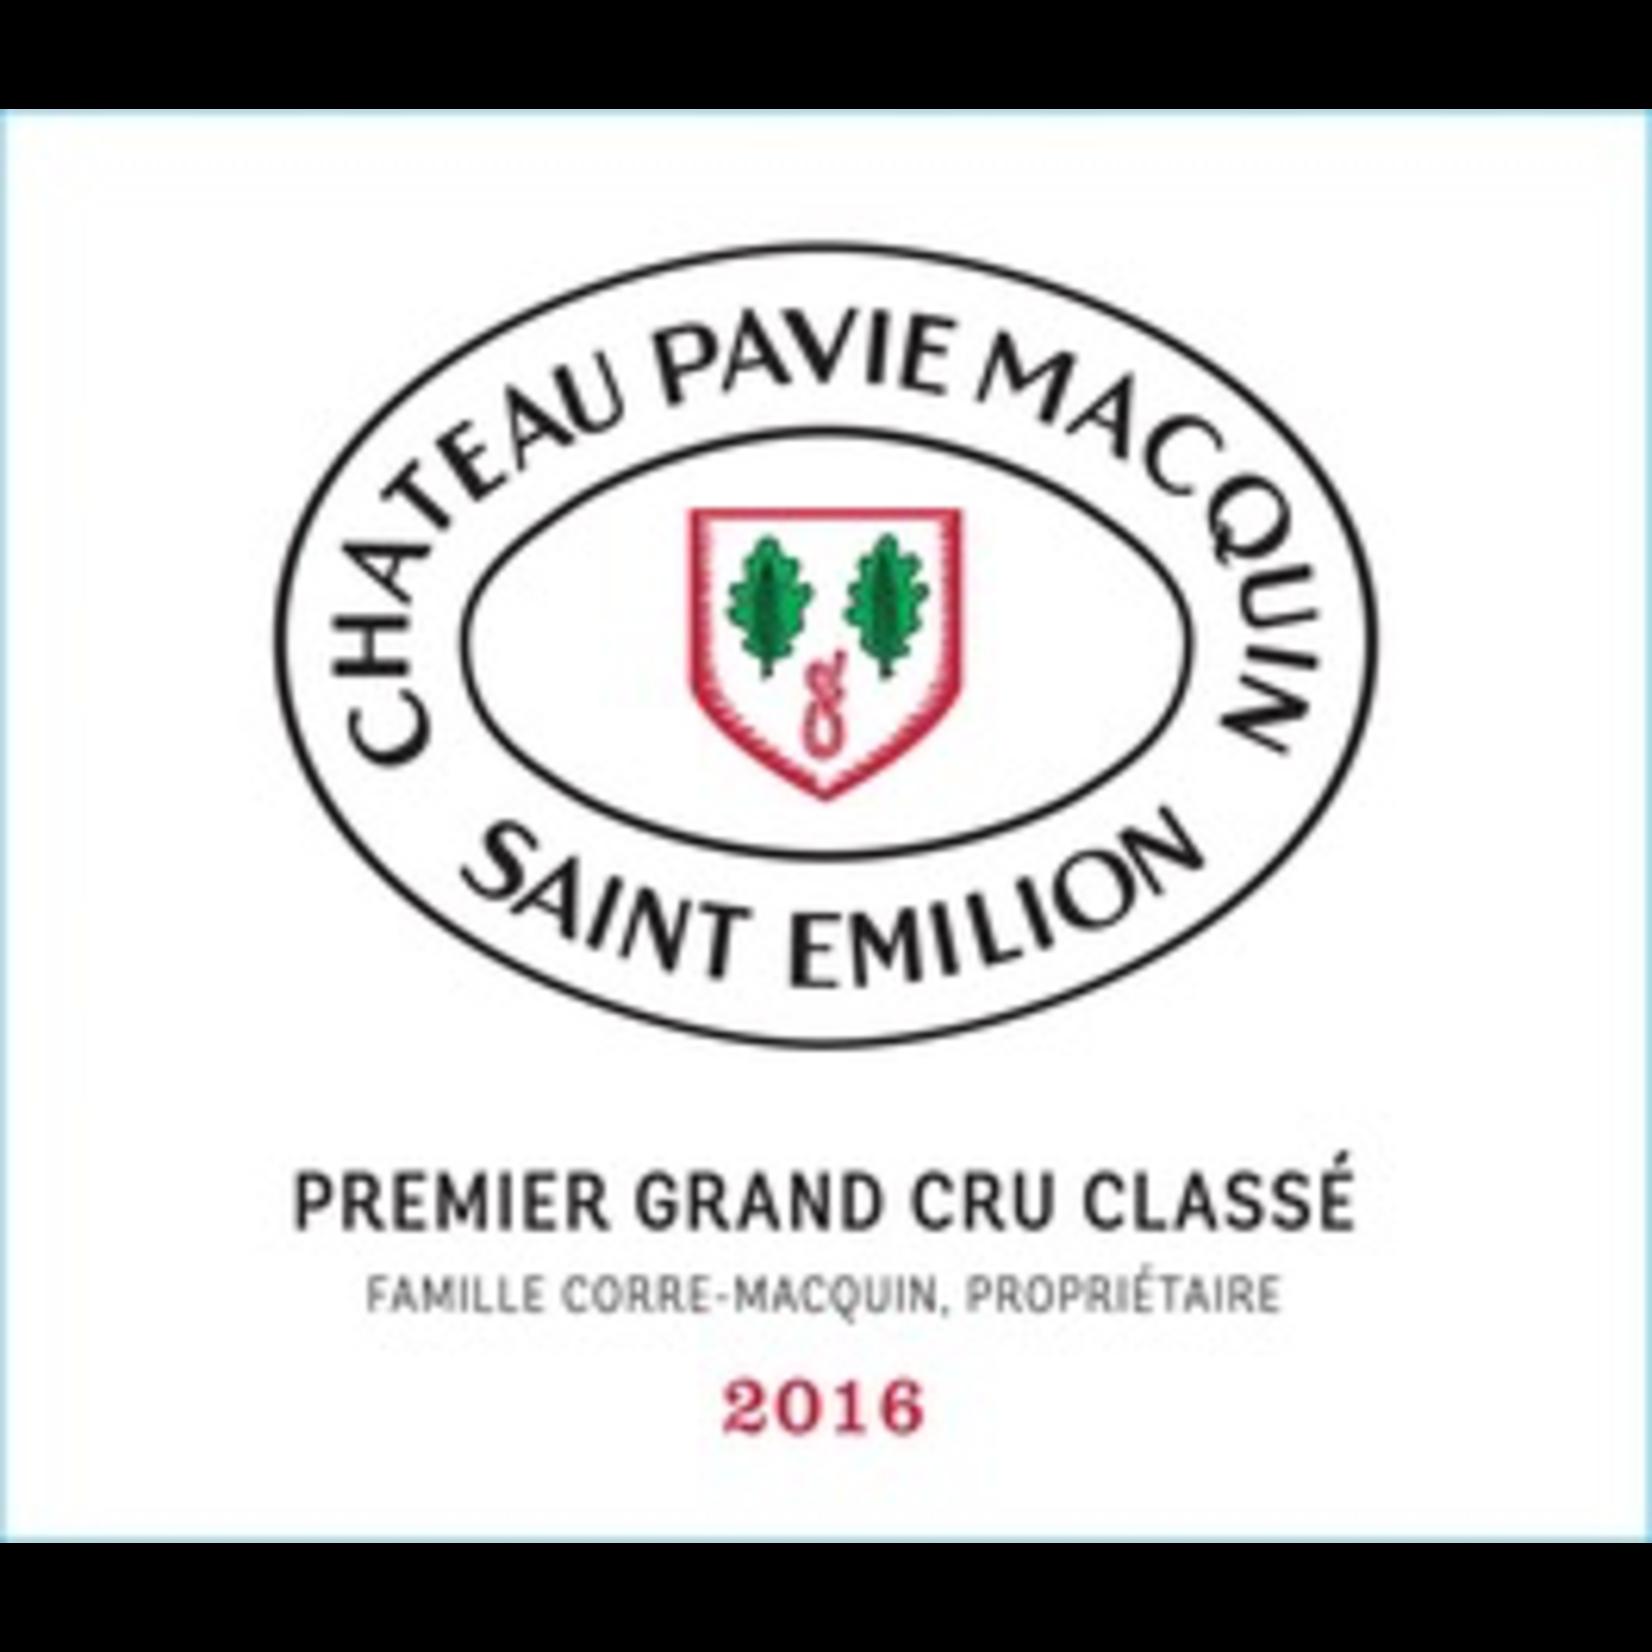 Chateau Pavie Macquin 2018